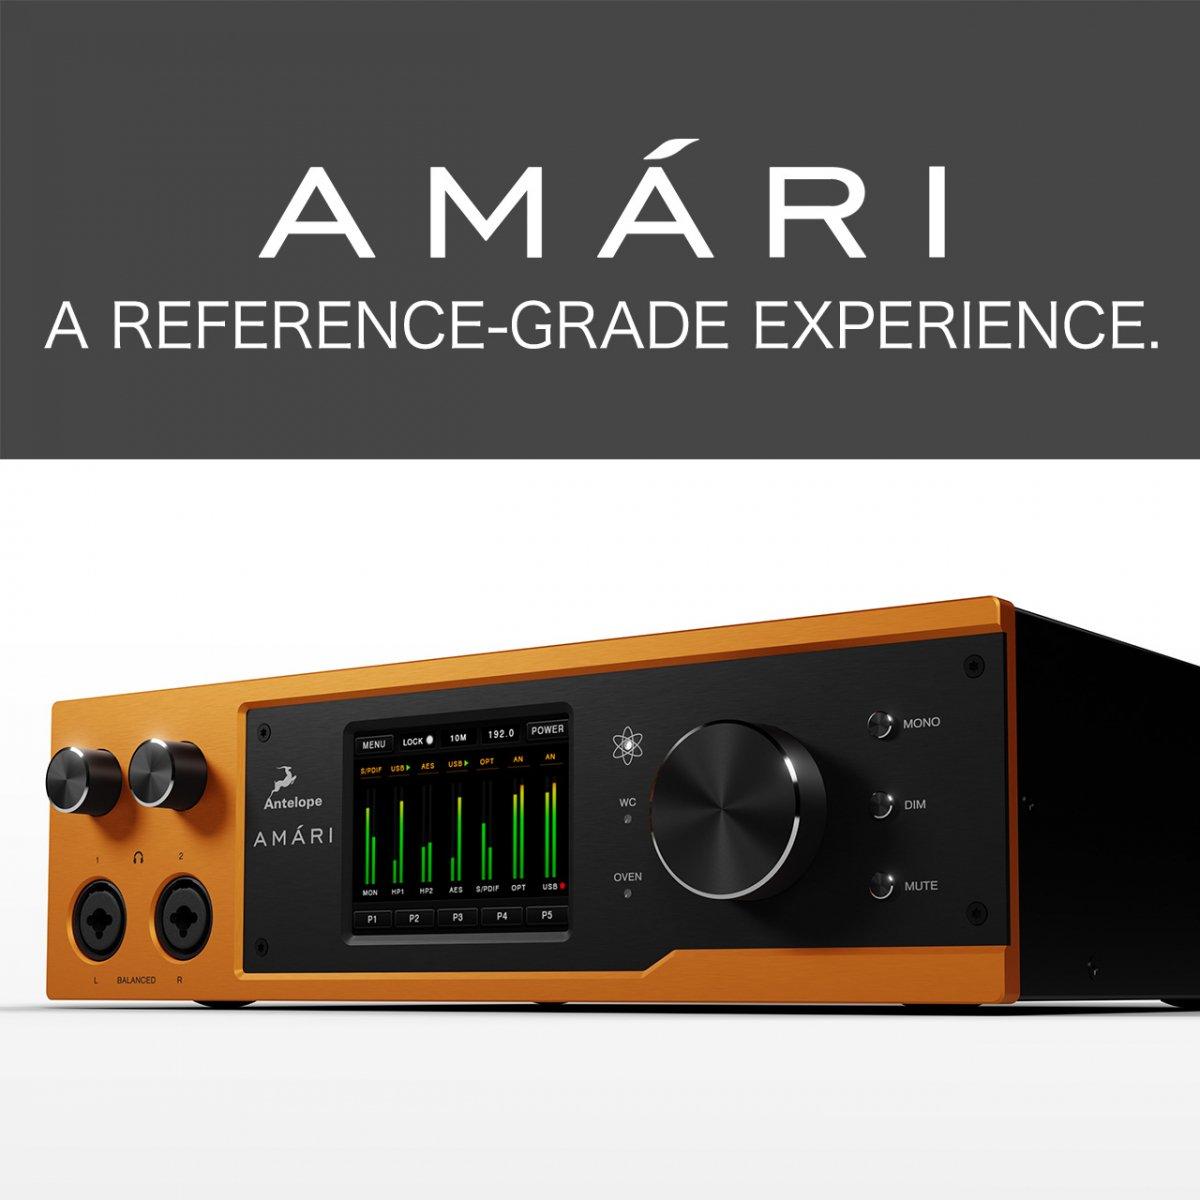 【即納!エネルギッシュ&ハイレゾリューション】Antelope Audio AMARI 高性能DAC ヘッドフォン アンプ アンテロープ オーディオ